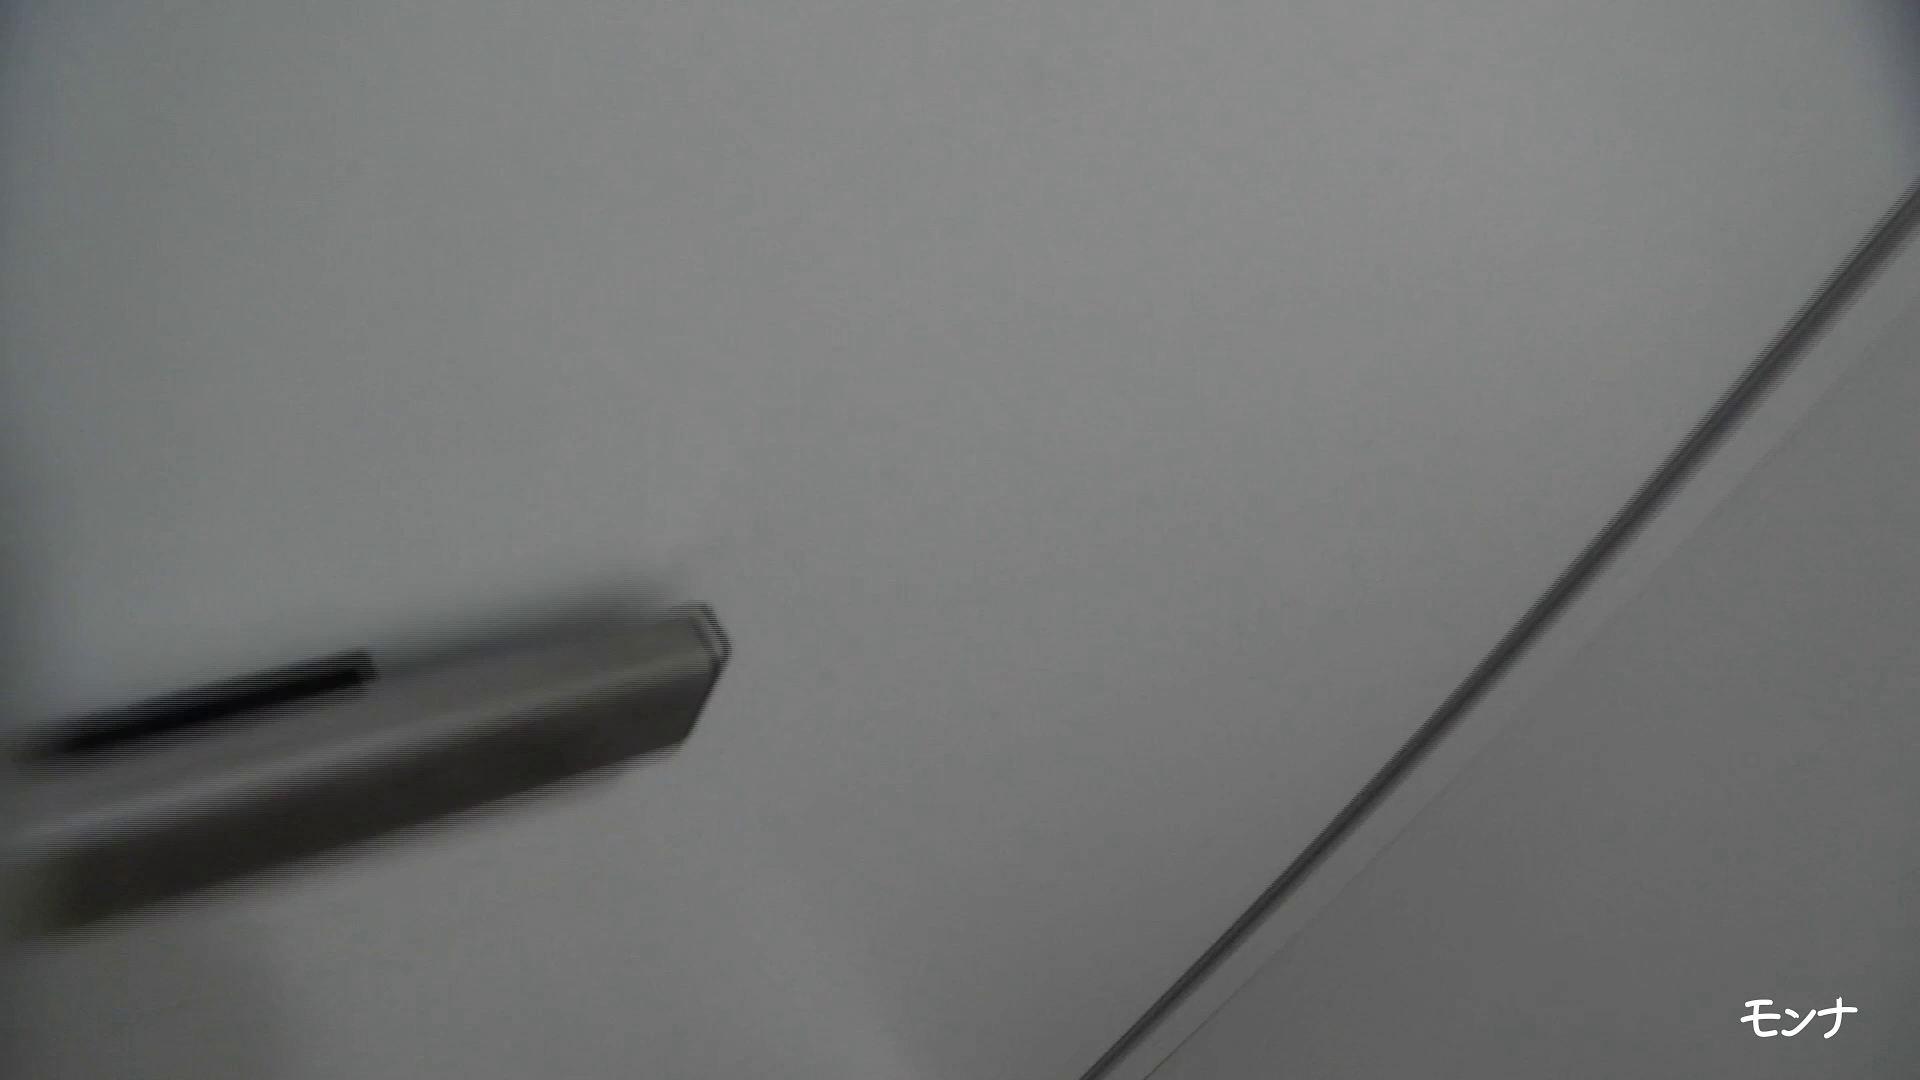 美しい日本の未来 No.38 久しぶり、復活しようかなあ?^^ by モンナ 覗き   ギャル・コレクション  84連発 57